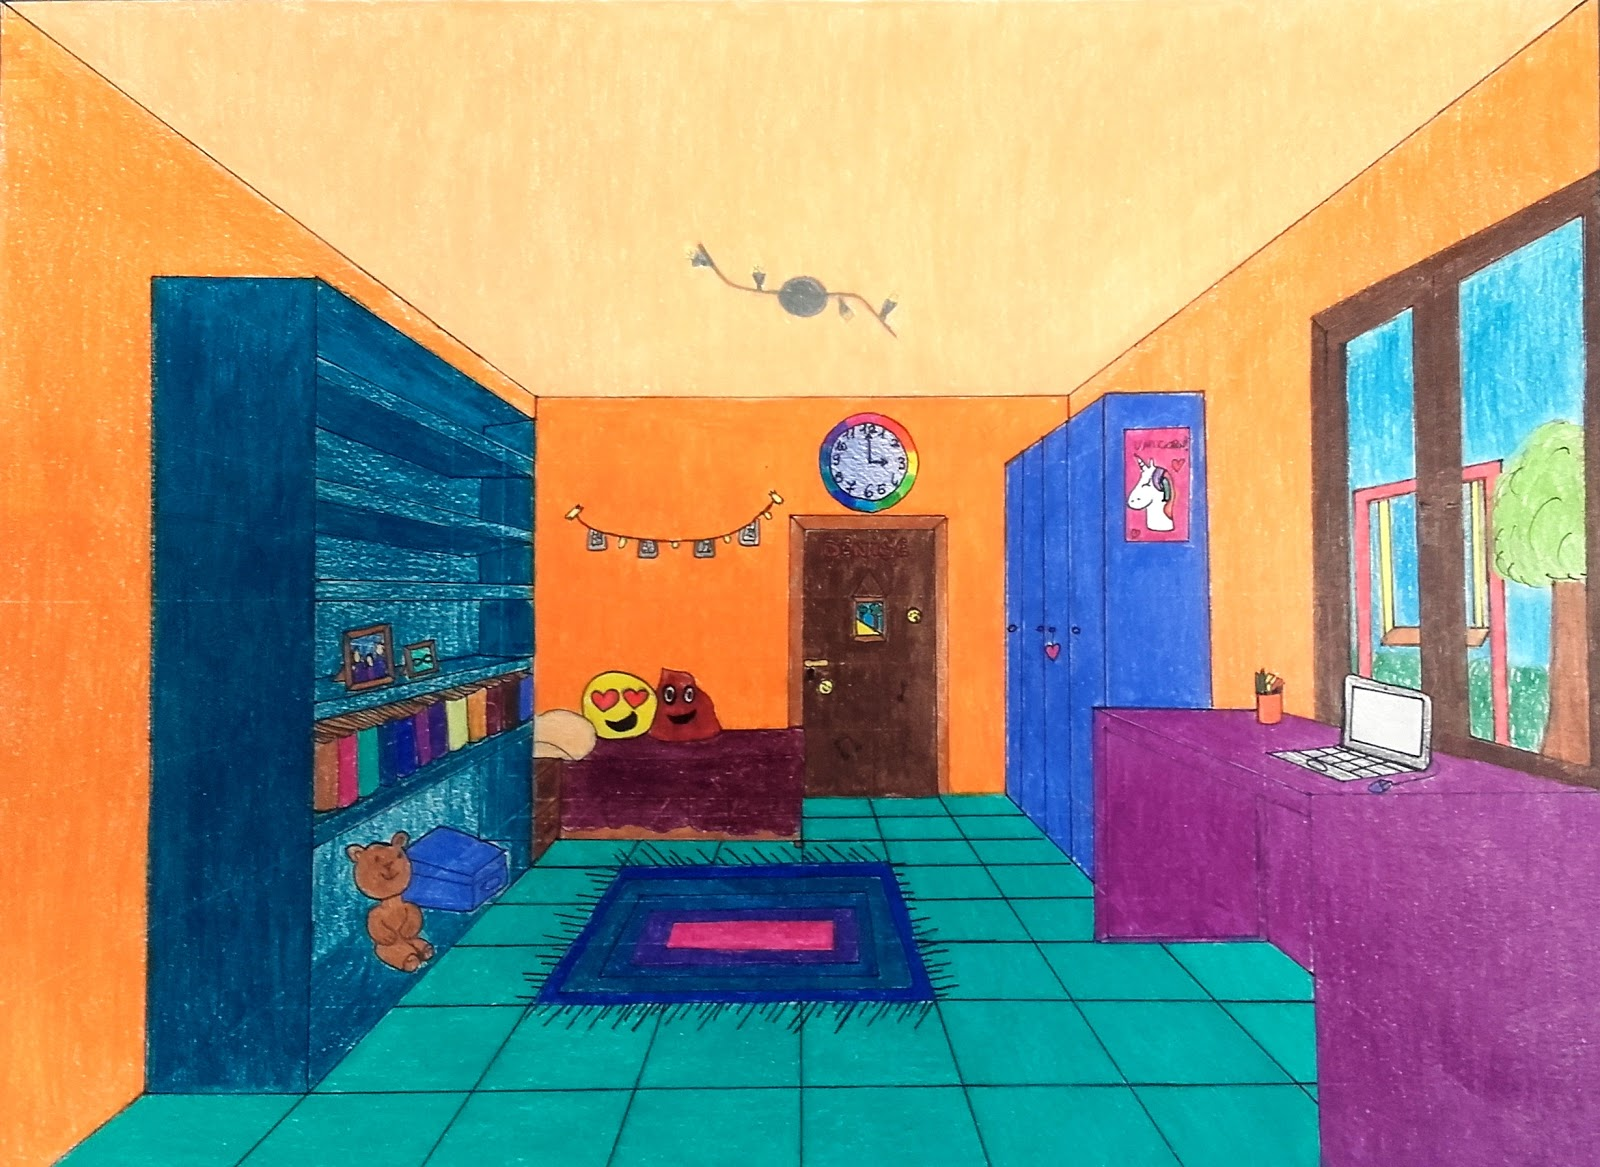 Sessantaseinblog stanze in prospettiva centrale for Disegni di case in prospettiva